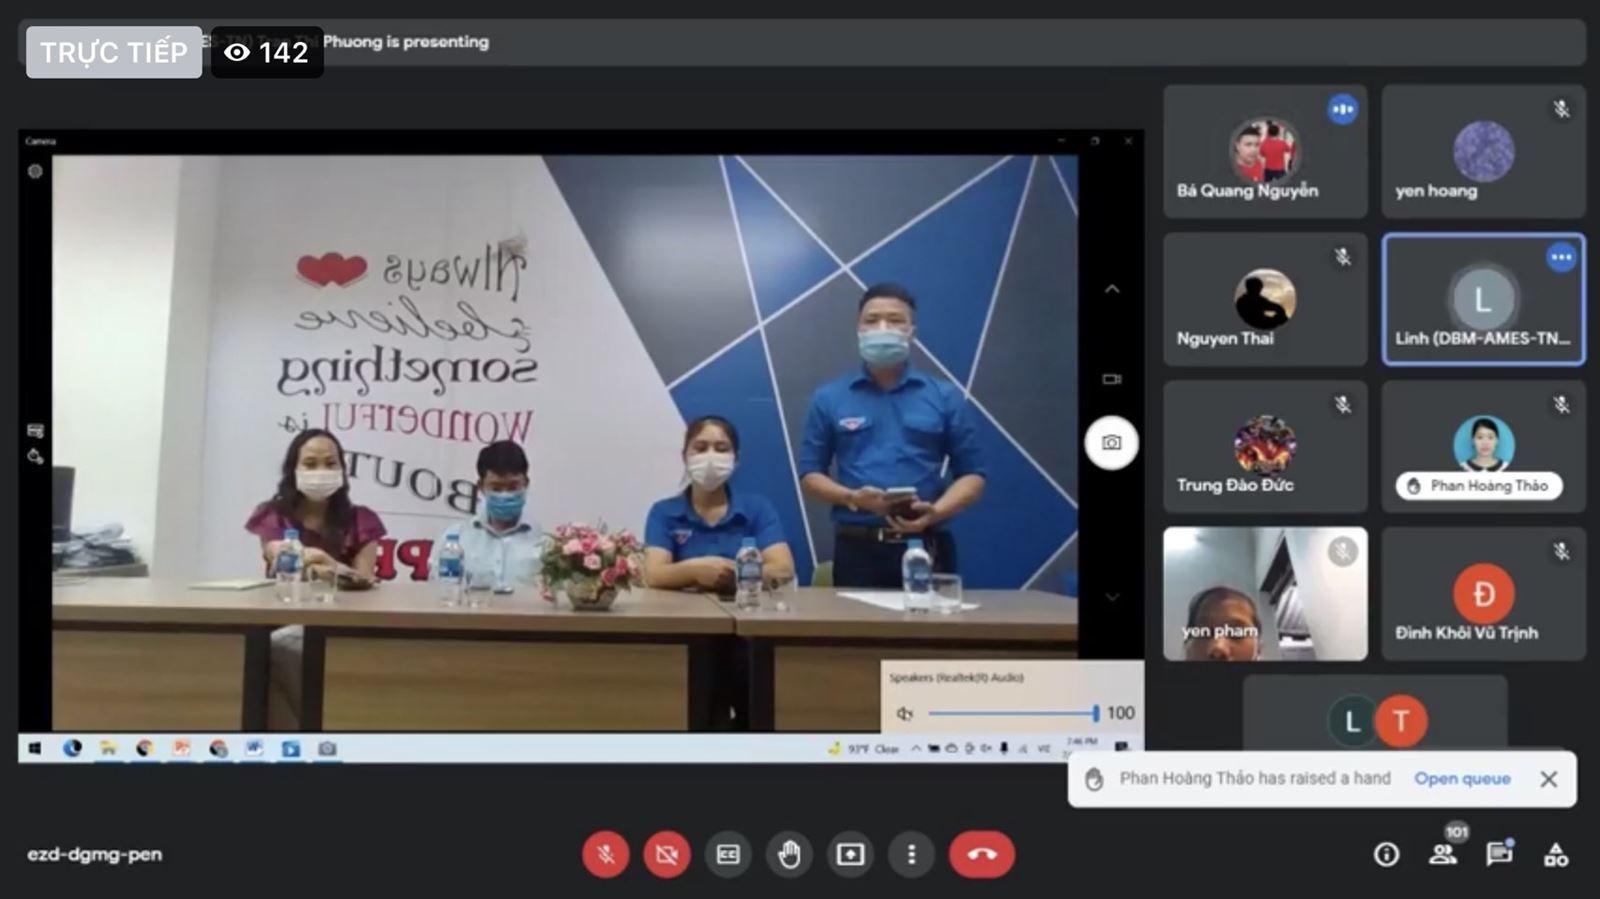 Hội đồng Đội thành phố Thái Nguyên khai giảng lớp học Tiếng anh trực tuyến miễn phí hè 2021